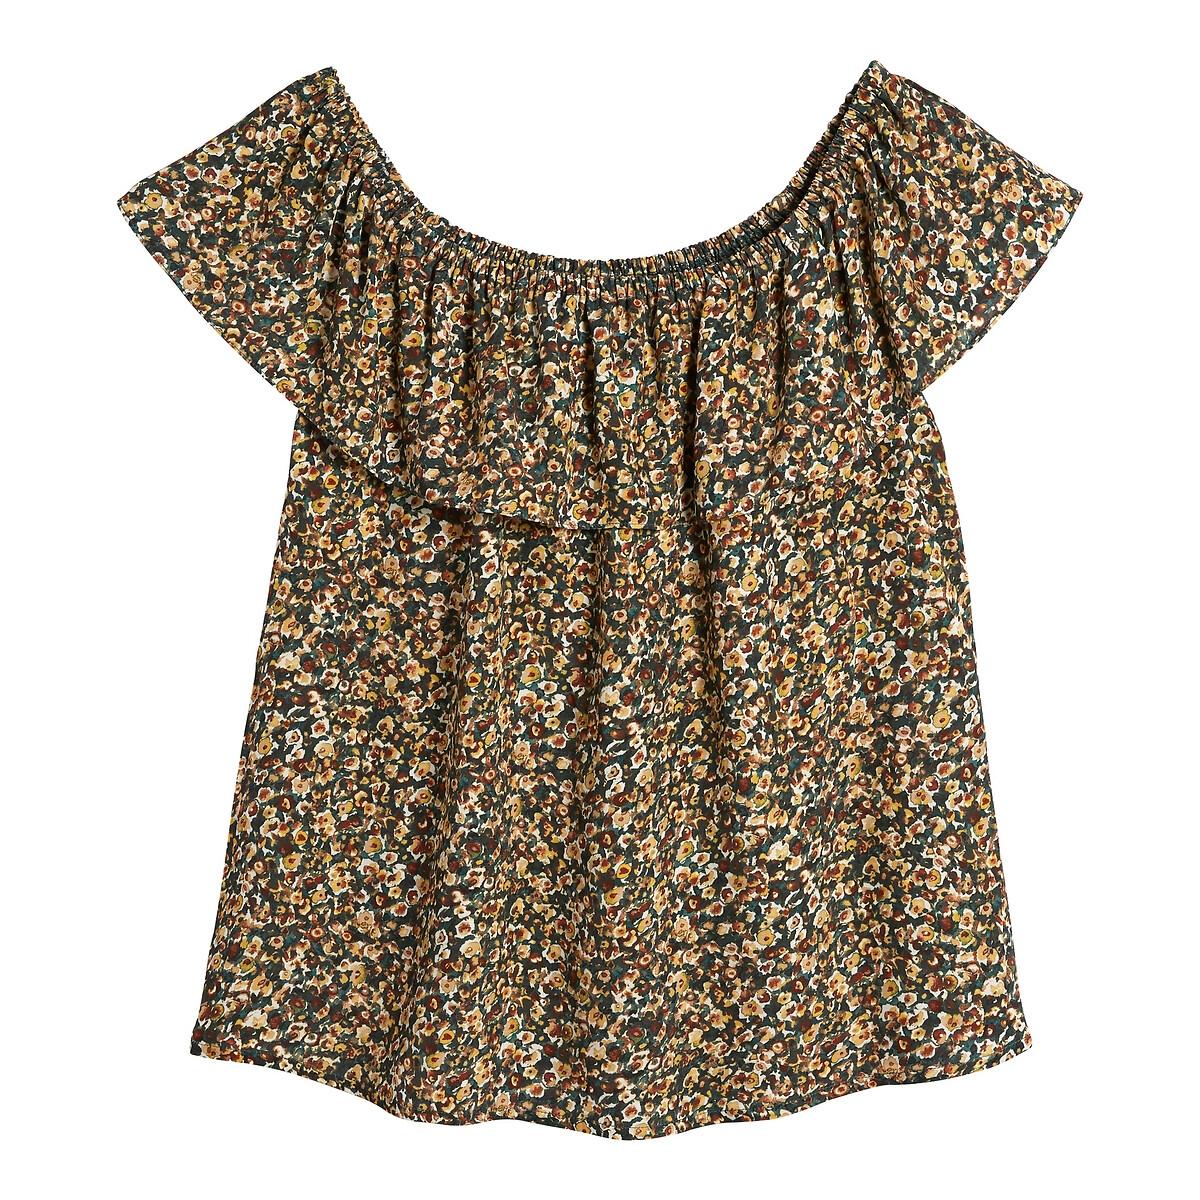 Блузка La Redoute Без рукавов с воланом цветочный принт 36 (FR) - 42 (RUS) разноцветный шифоновая блузка в цветочный принт